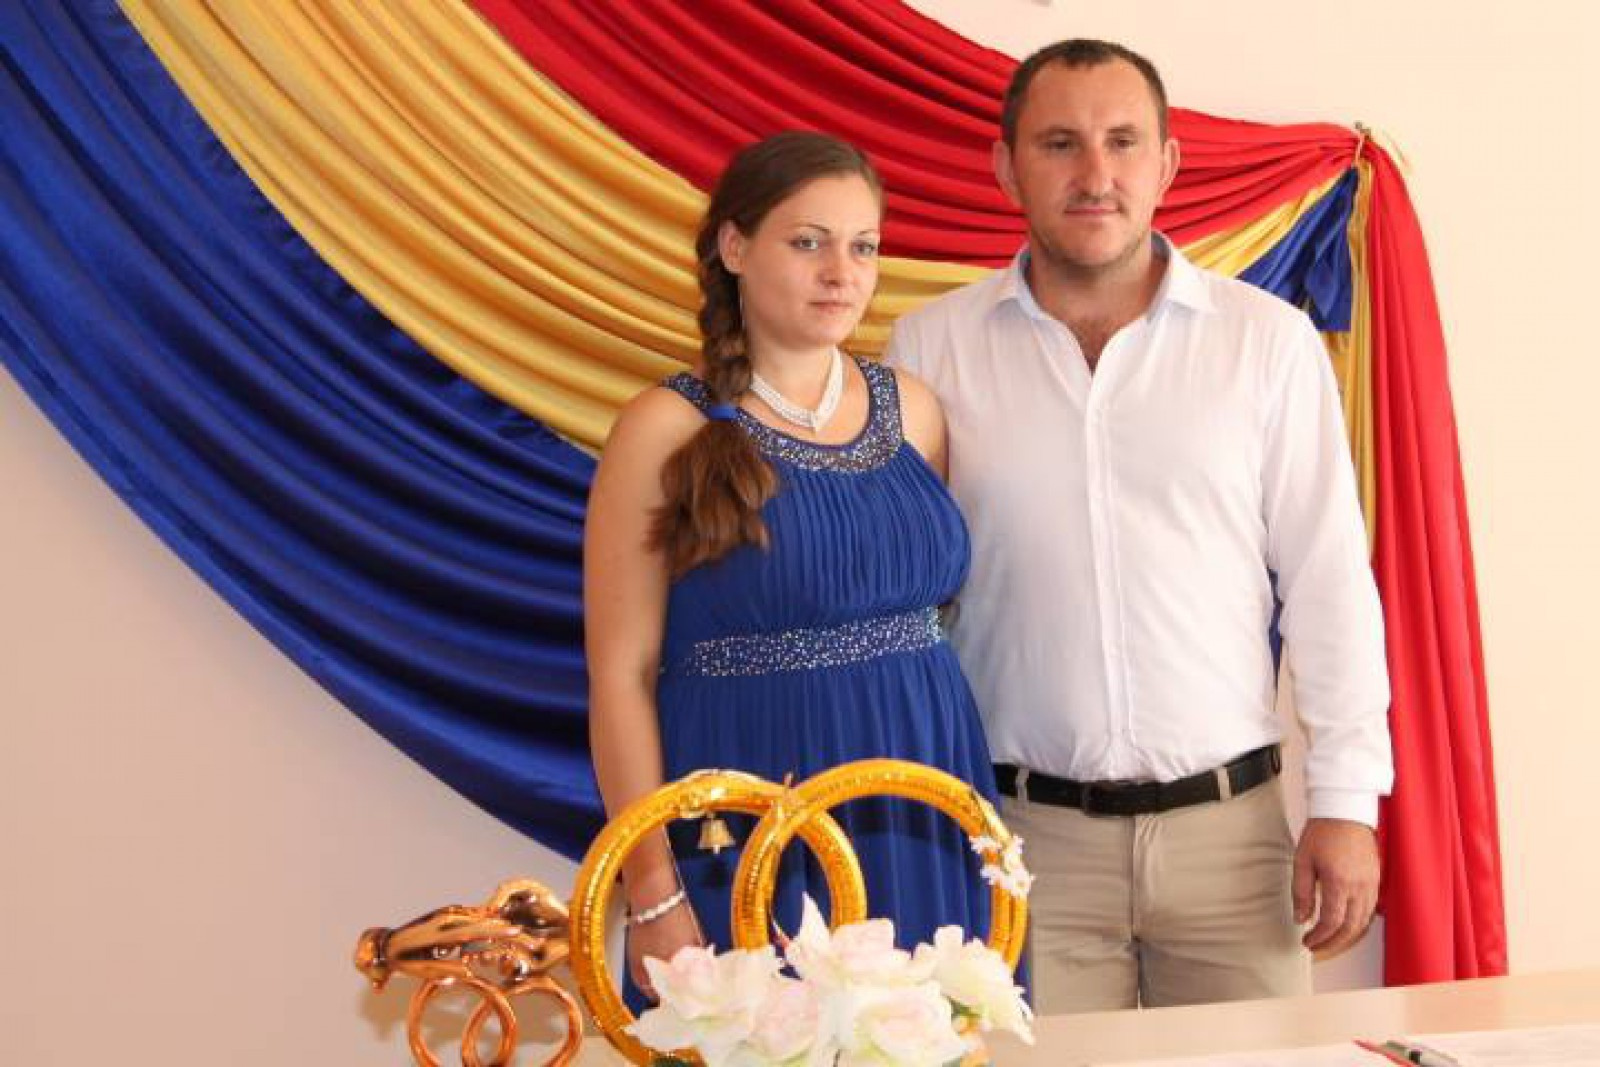 Un incident în timpul mesei a distrus o familie de moldoveni stabiliți în Italia: O femeie și copilul născut prematur au murit